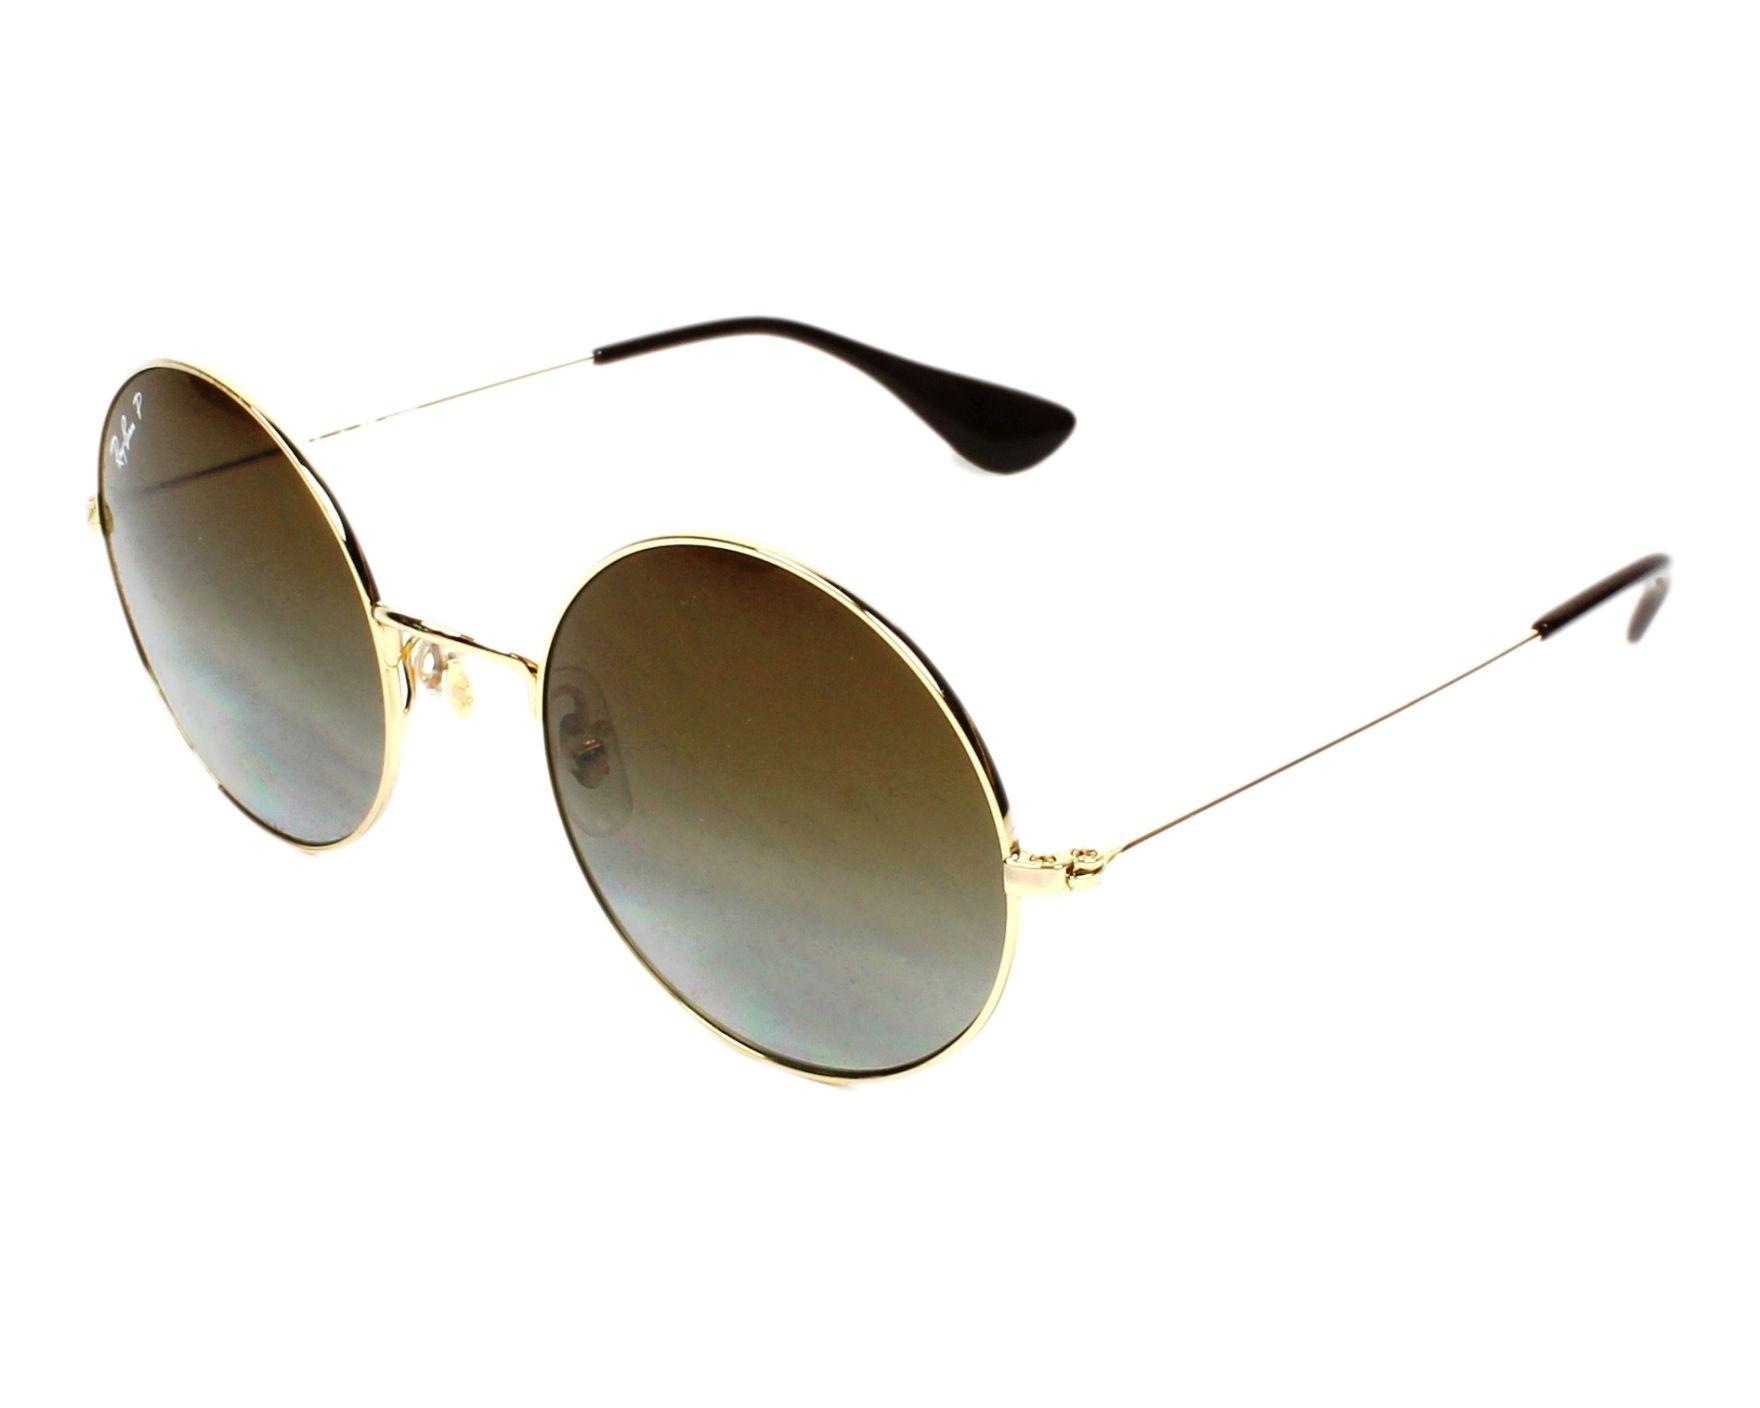 Ray-Ban Sonnenbrille RB-3592 001/T5 gold - Gläser: blau-grau - Visionet